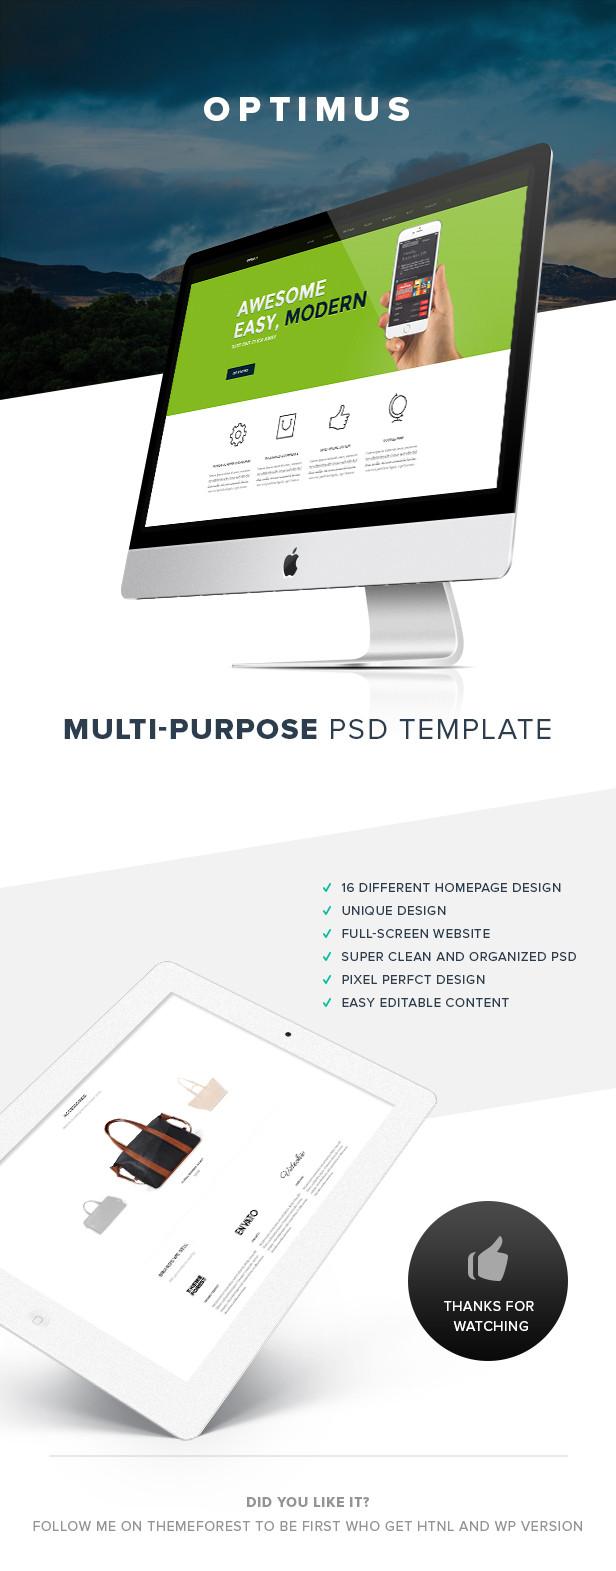 OPTIMUS Multi-Purpose PSD Template - 4